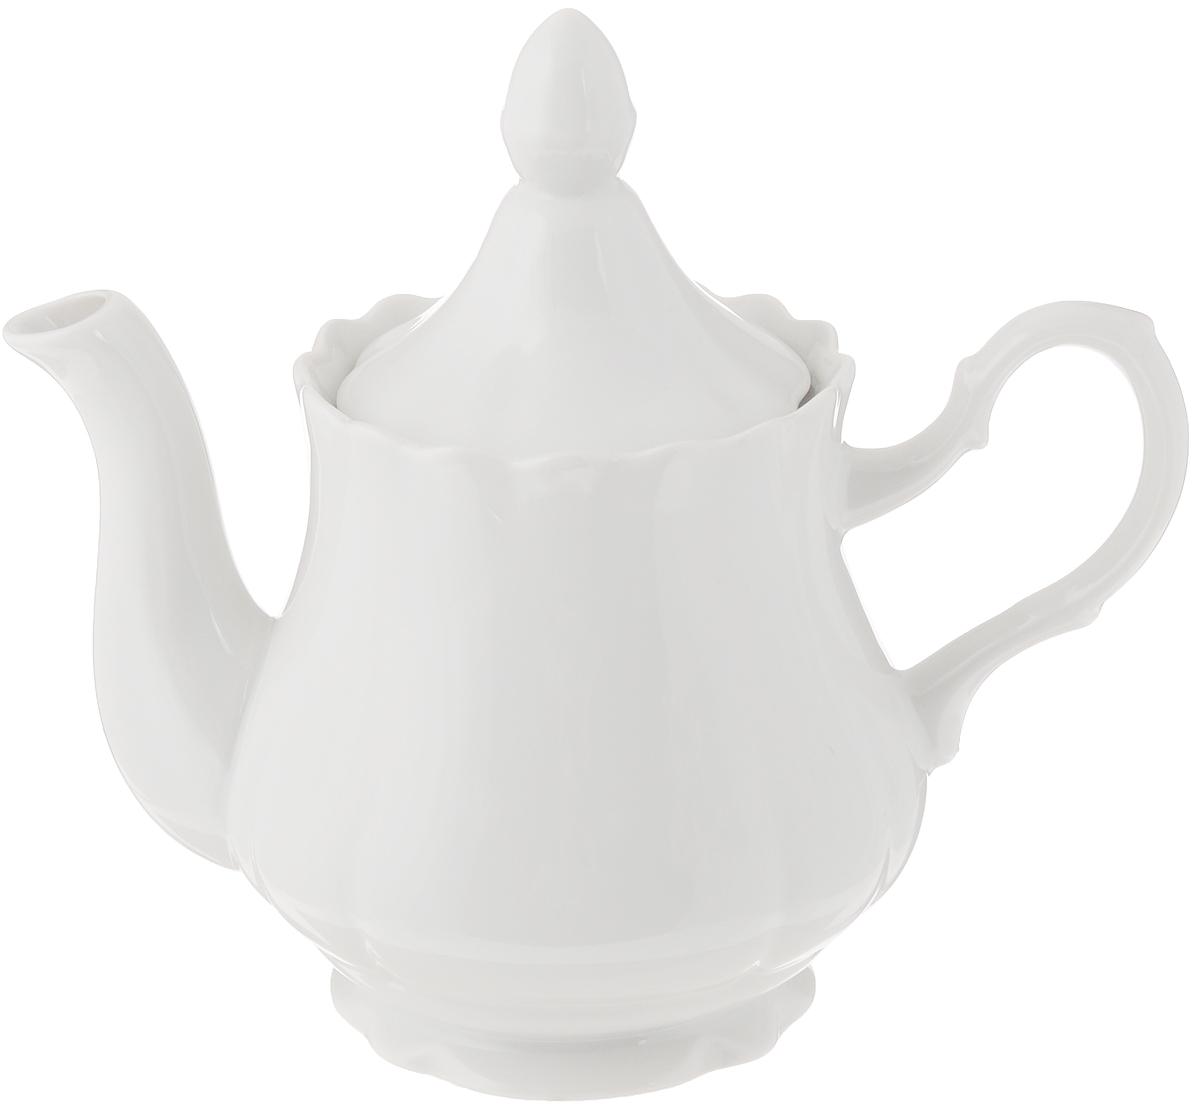 Чайник заварочный Добрушский фарфоровый завод Романс, цвет: белый, 800 мл391602Заварочный чайник Романс выполнен из высококачественного фарфора и покрыт сверкающей глазурью. Изделие оснащено крышкой. Заварочный чайник Романс придется по вкусу и ценителям классики, и тем, кто предпочитает современный стиль.Диаметр (по верхнему краю): 9 см. Высота чайника (без учета крышки): 12 см.